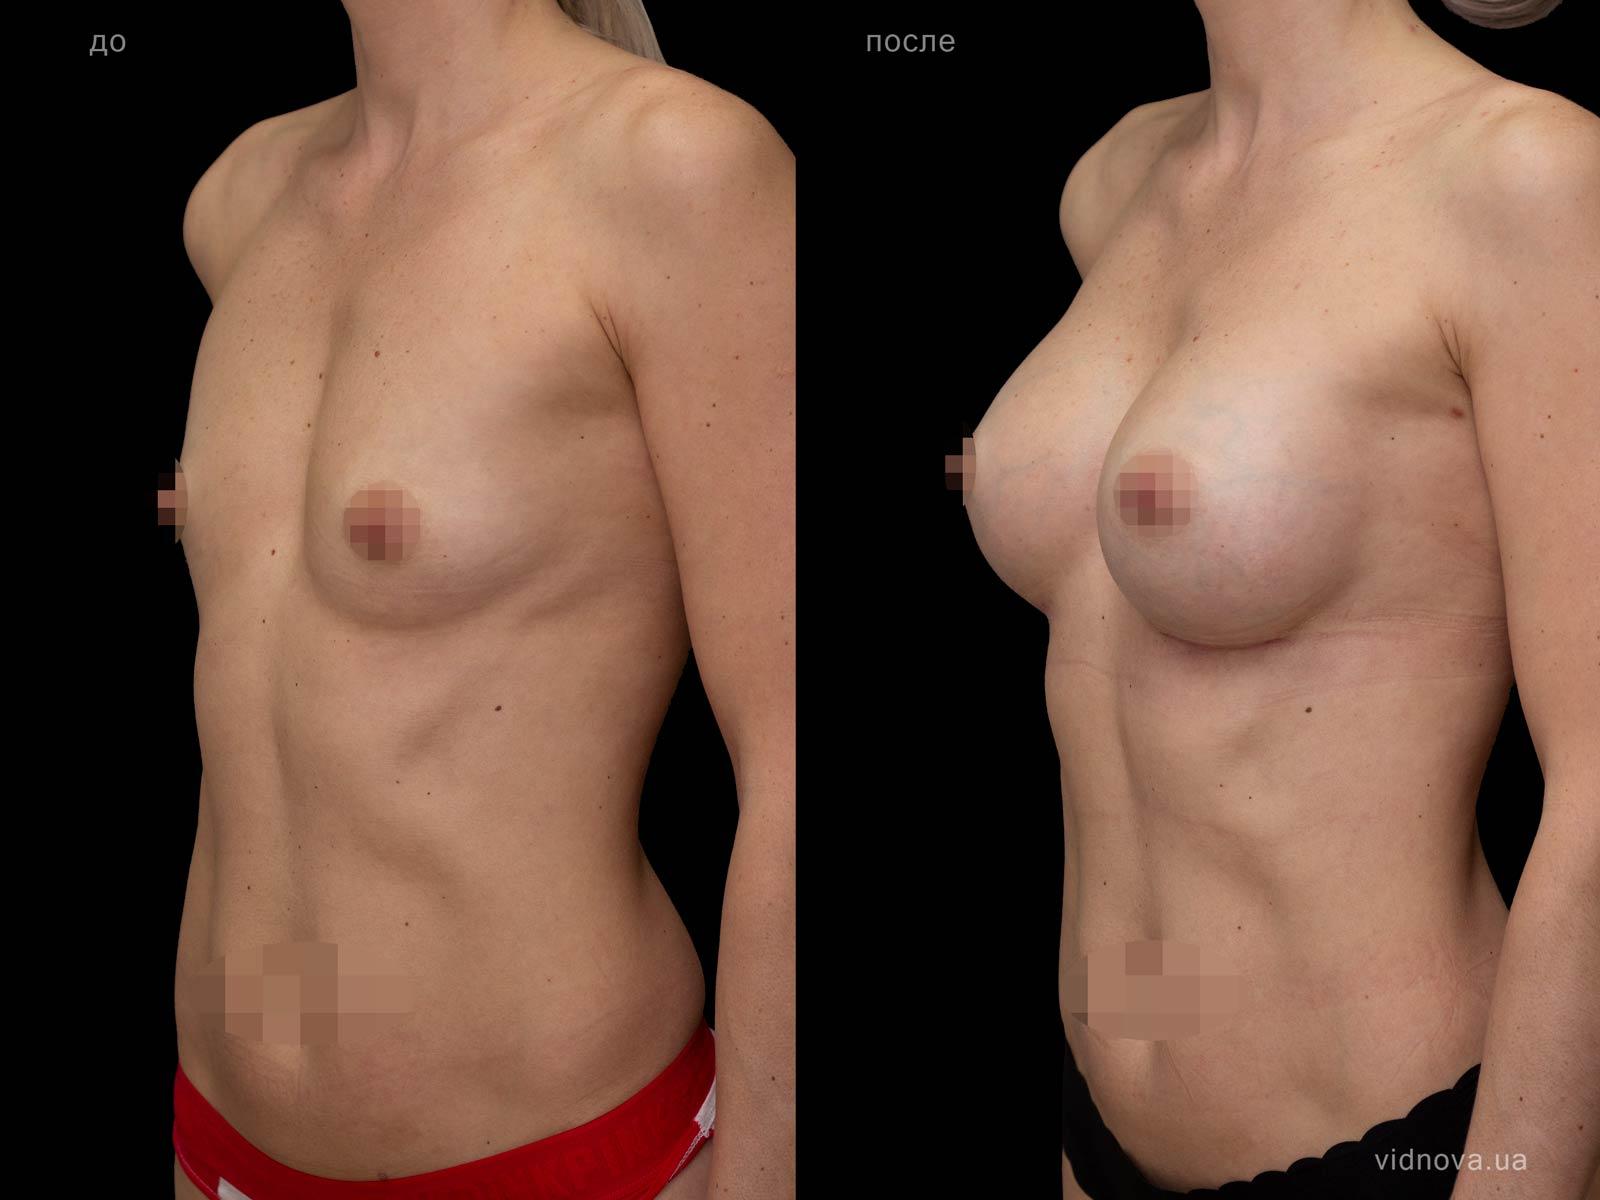 Пластика груди: результаты до и после - Пример №81-1 - Светлана Работенко